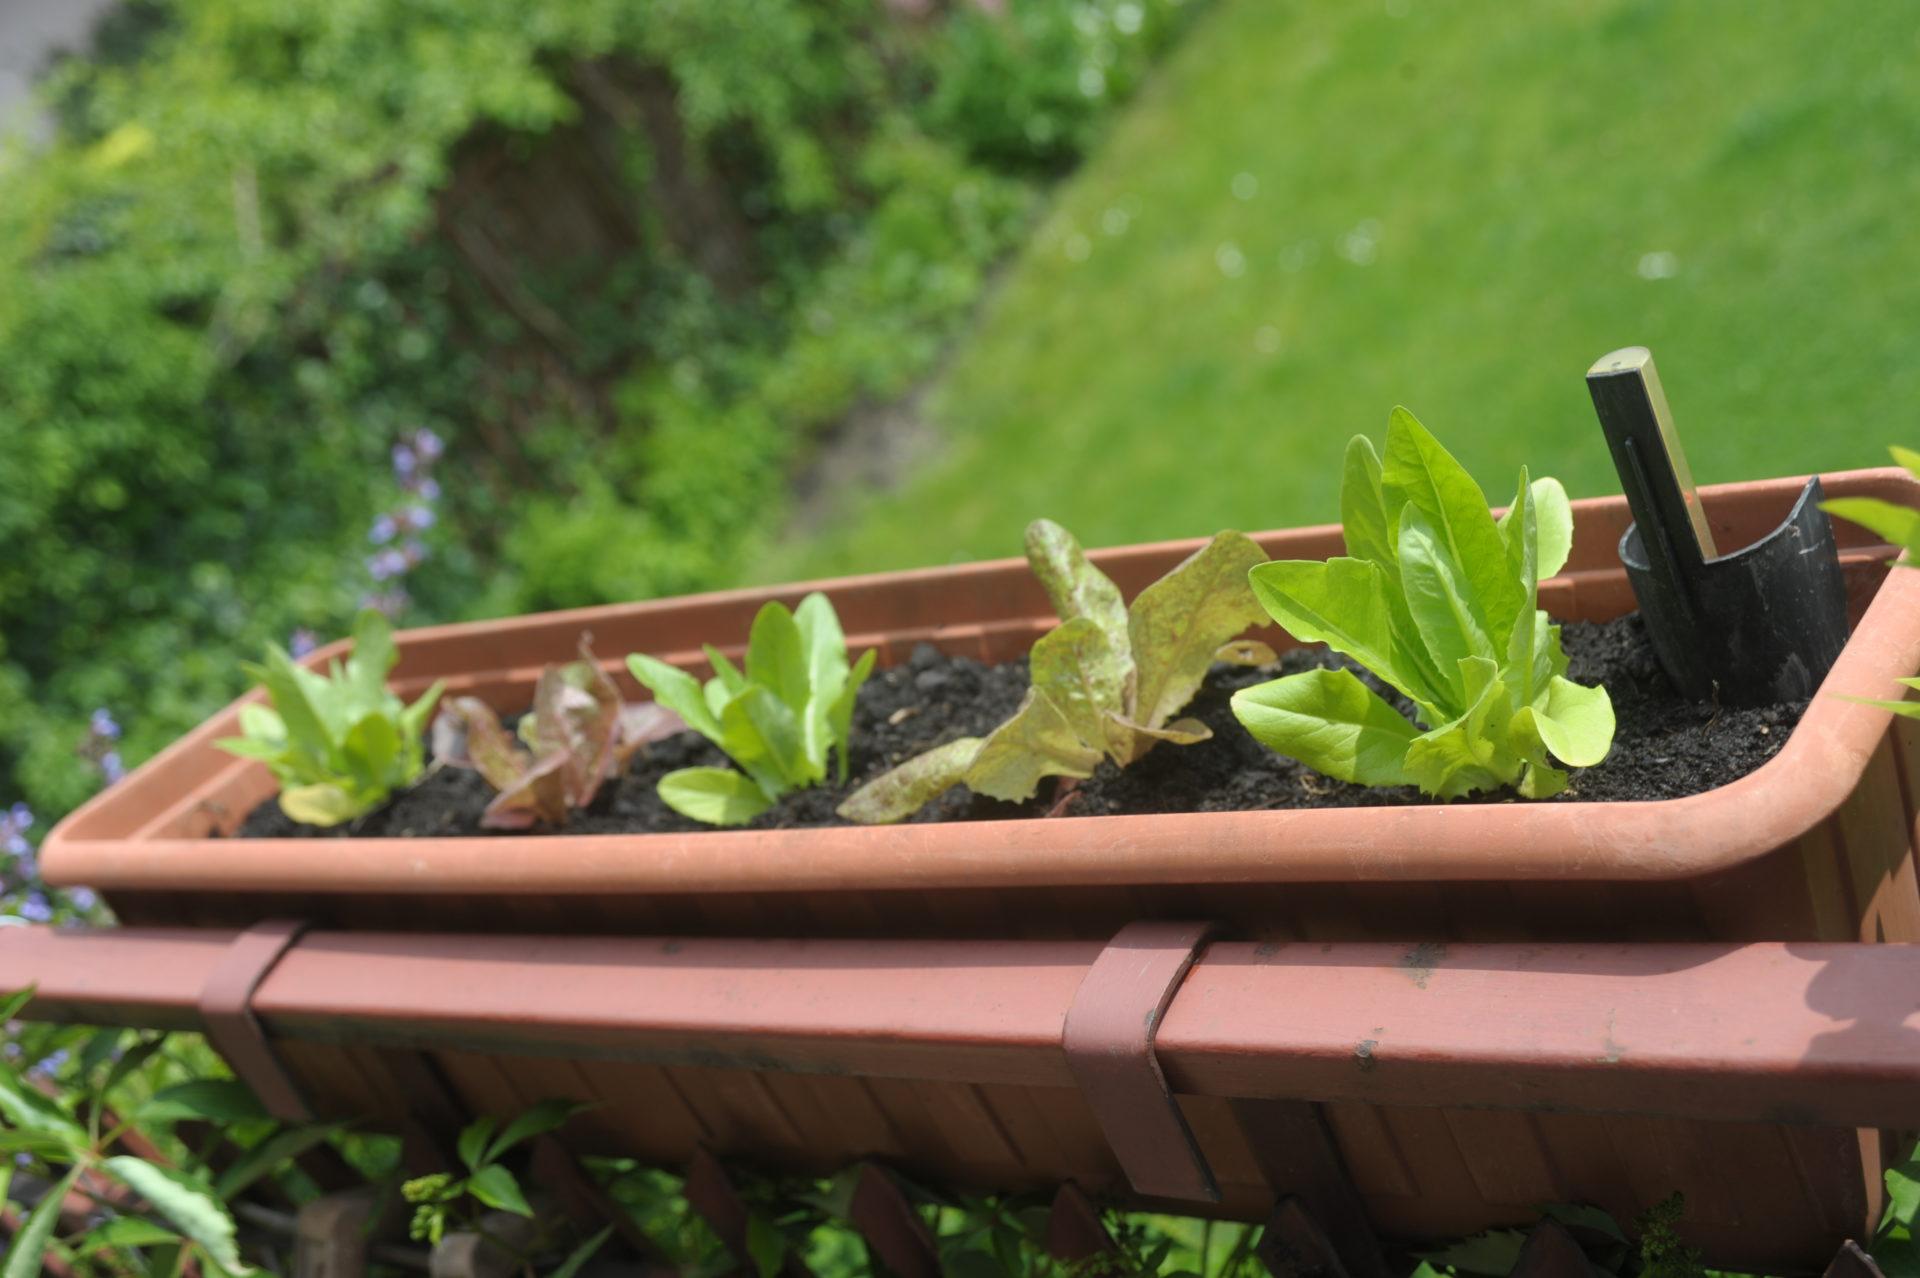 sałata w balkonowej skrzynce